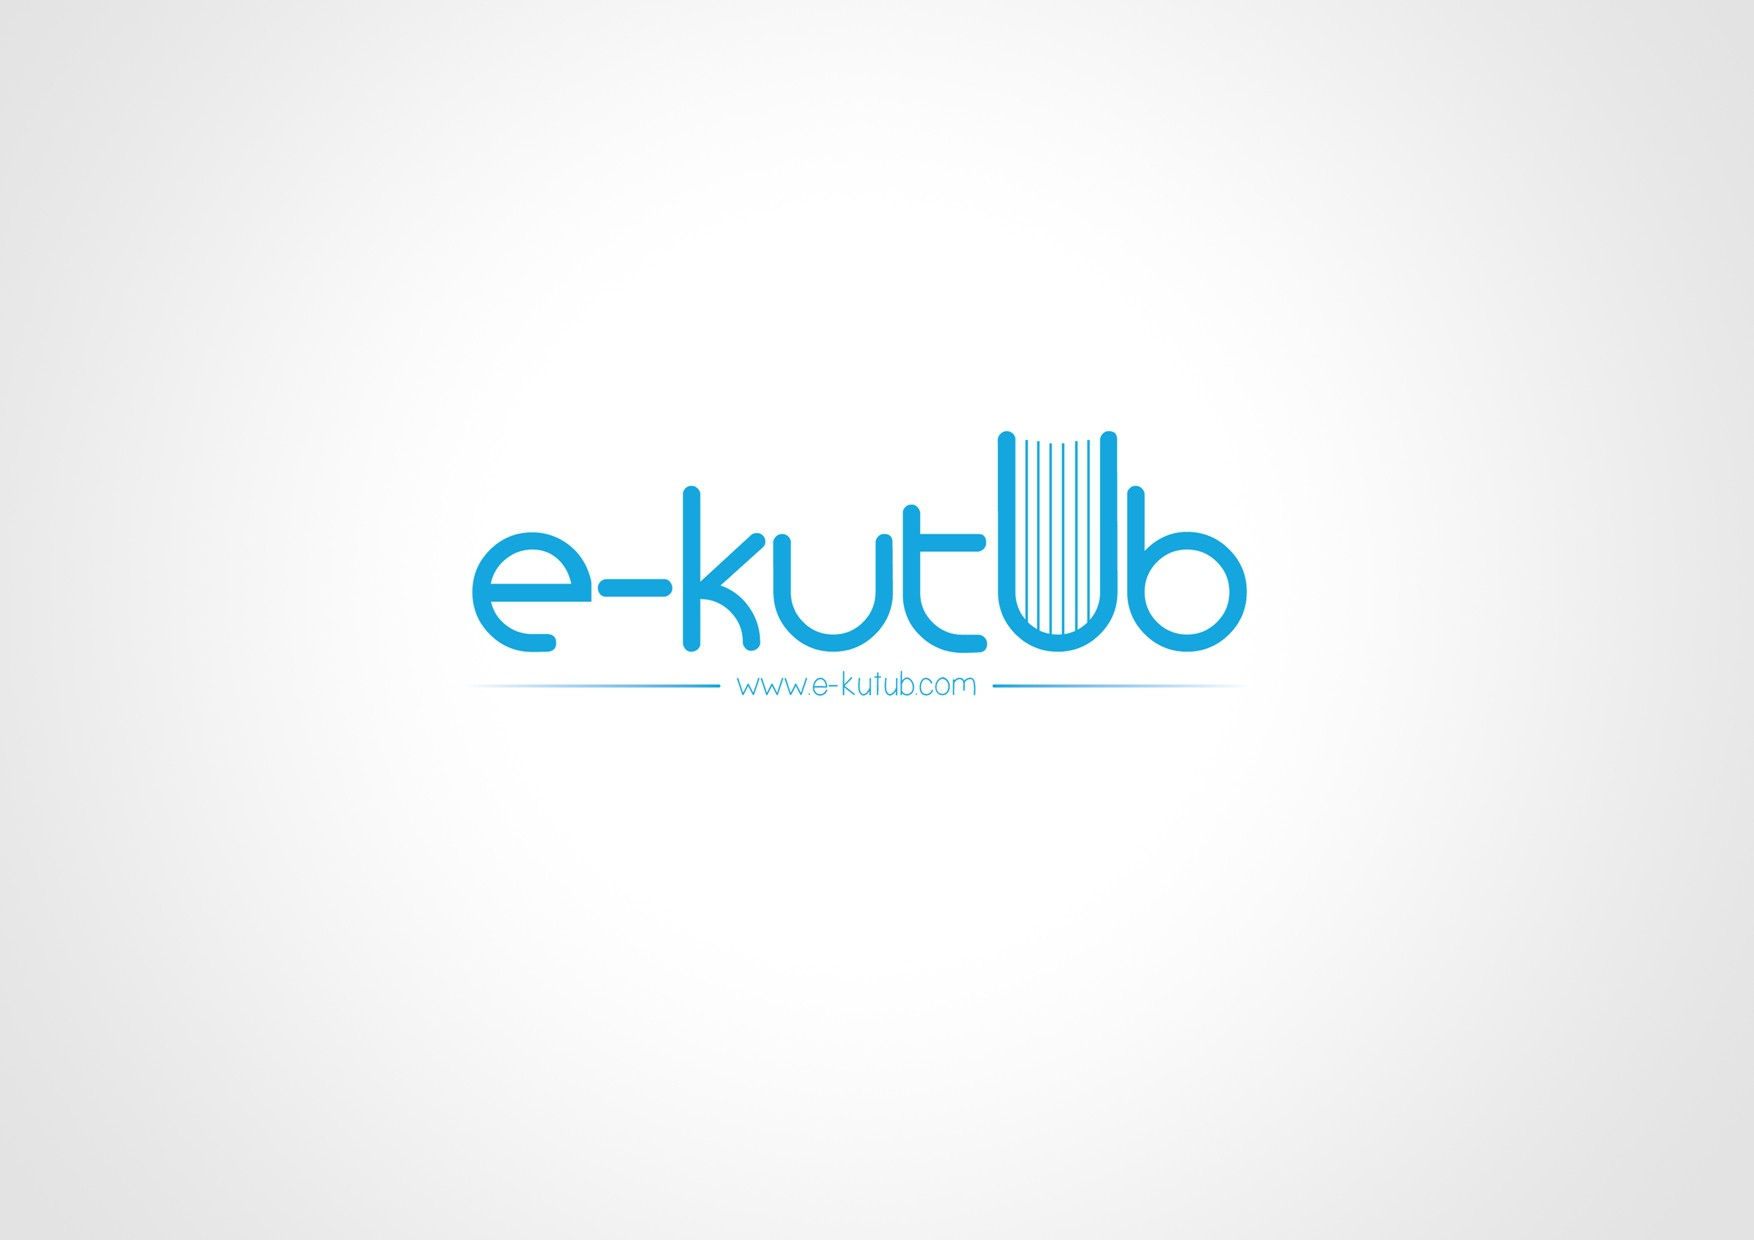 Help E-kutub with a new logo